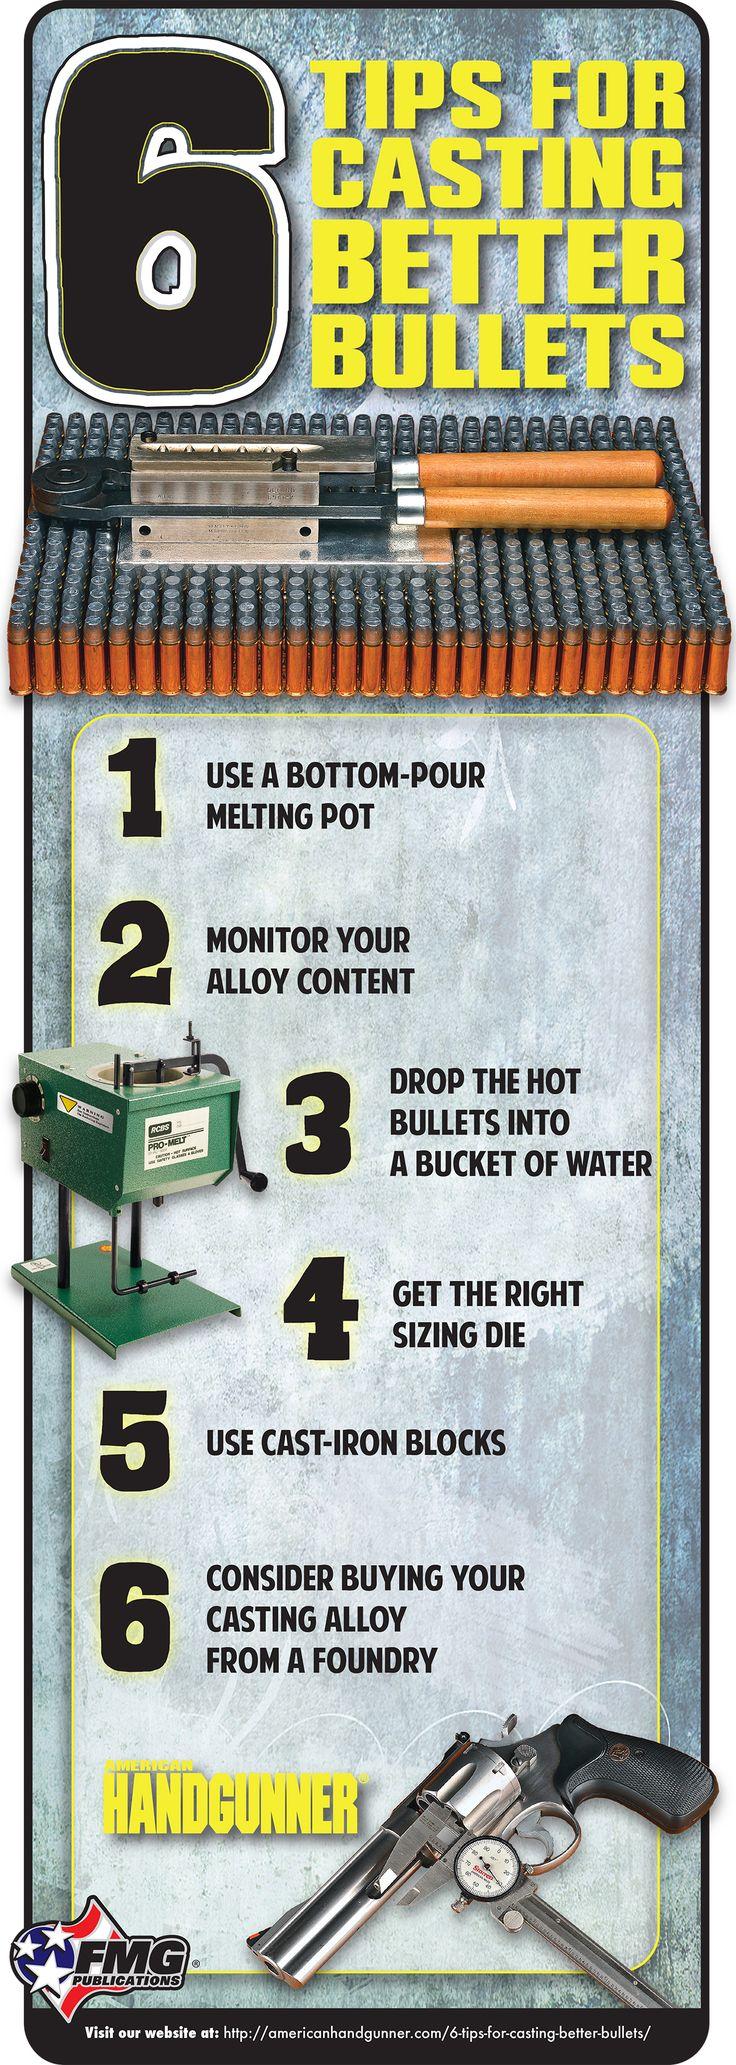 6 Tips For Casting Better Bullets   American Handgunner   Click here to read: http://americanhandgunner.com/6-tips-for-casting-better-bullets/   #american #handgunner #handloading #casting #bullets #ammunition